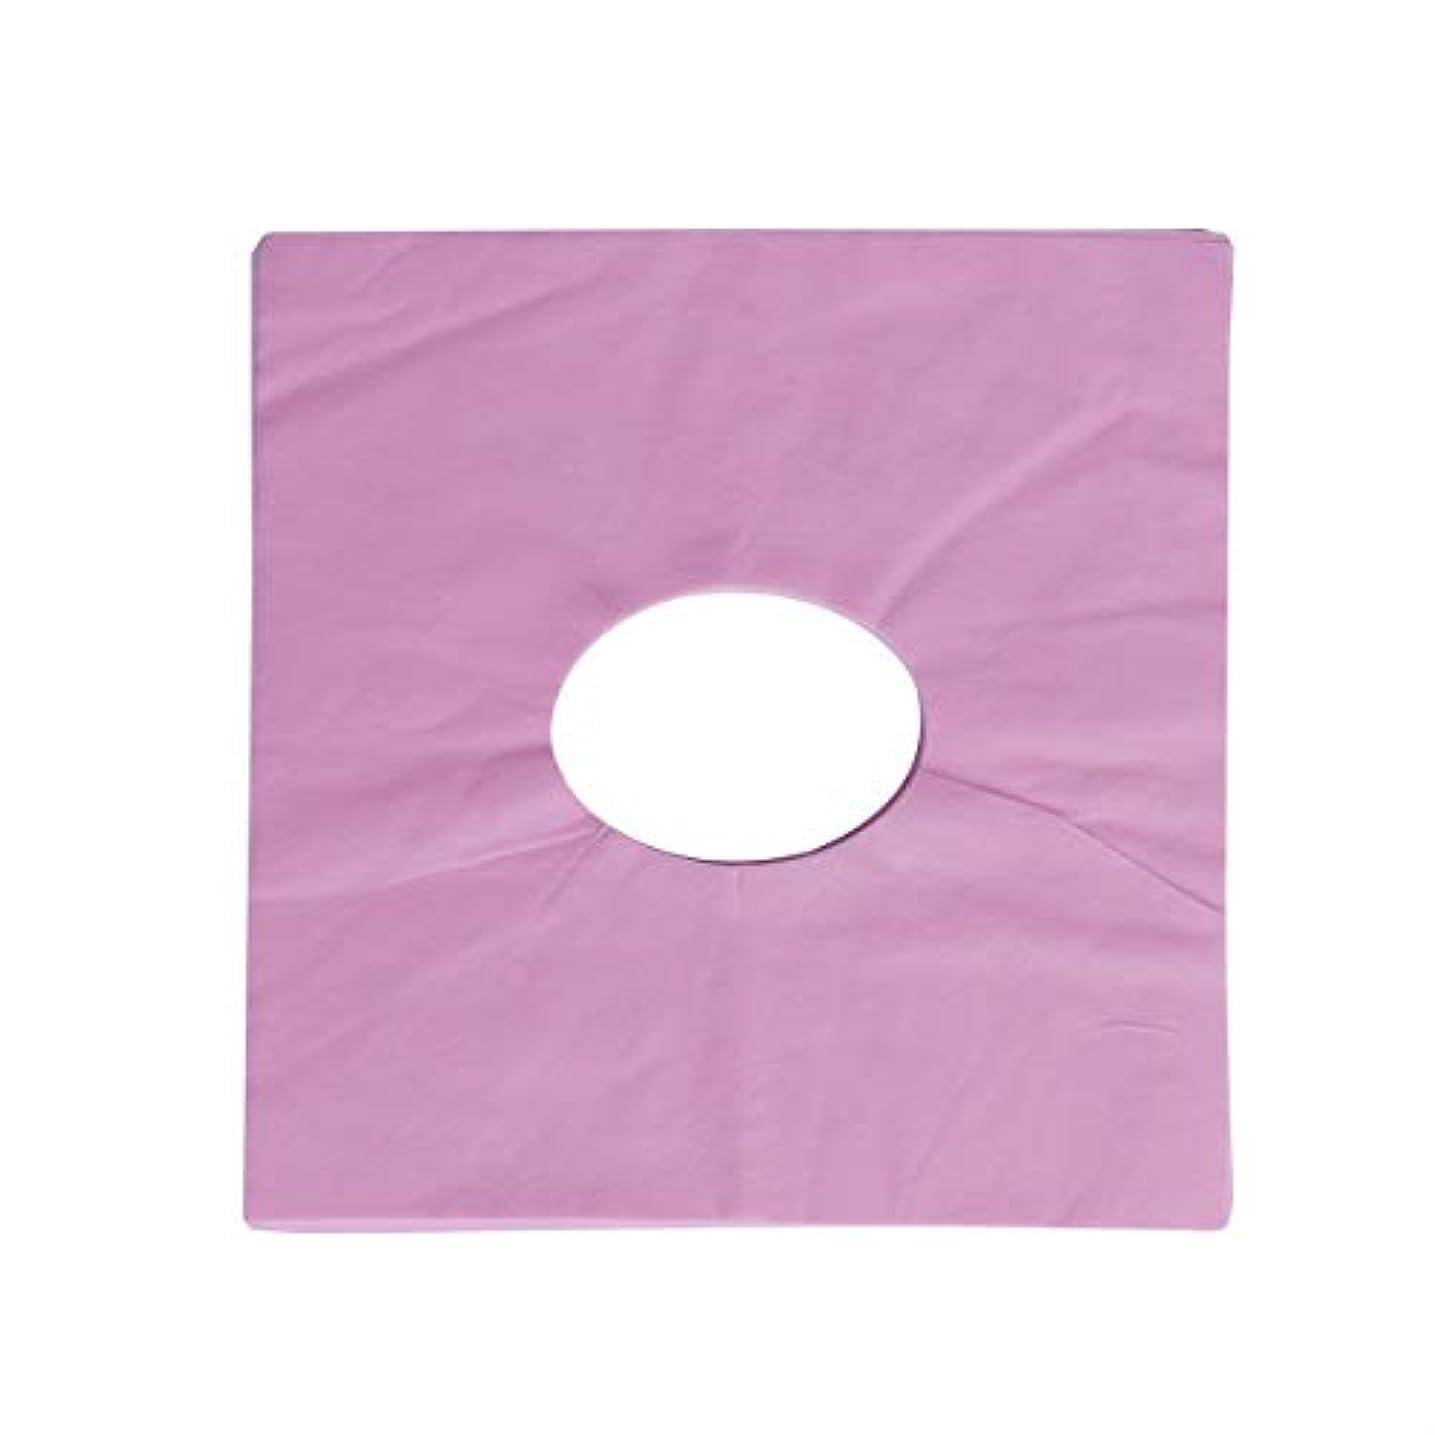 敏感なタイプライター電球Healifty 100ピース使い捨てマッサージフェイスクレードルカバーフェイスマッサージヘッドレストカバースパ用美容院マッサージ(ピンク)